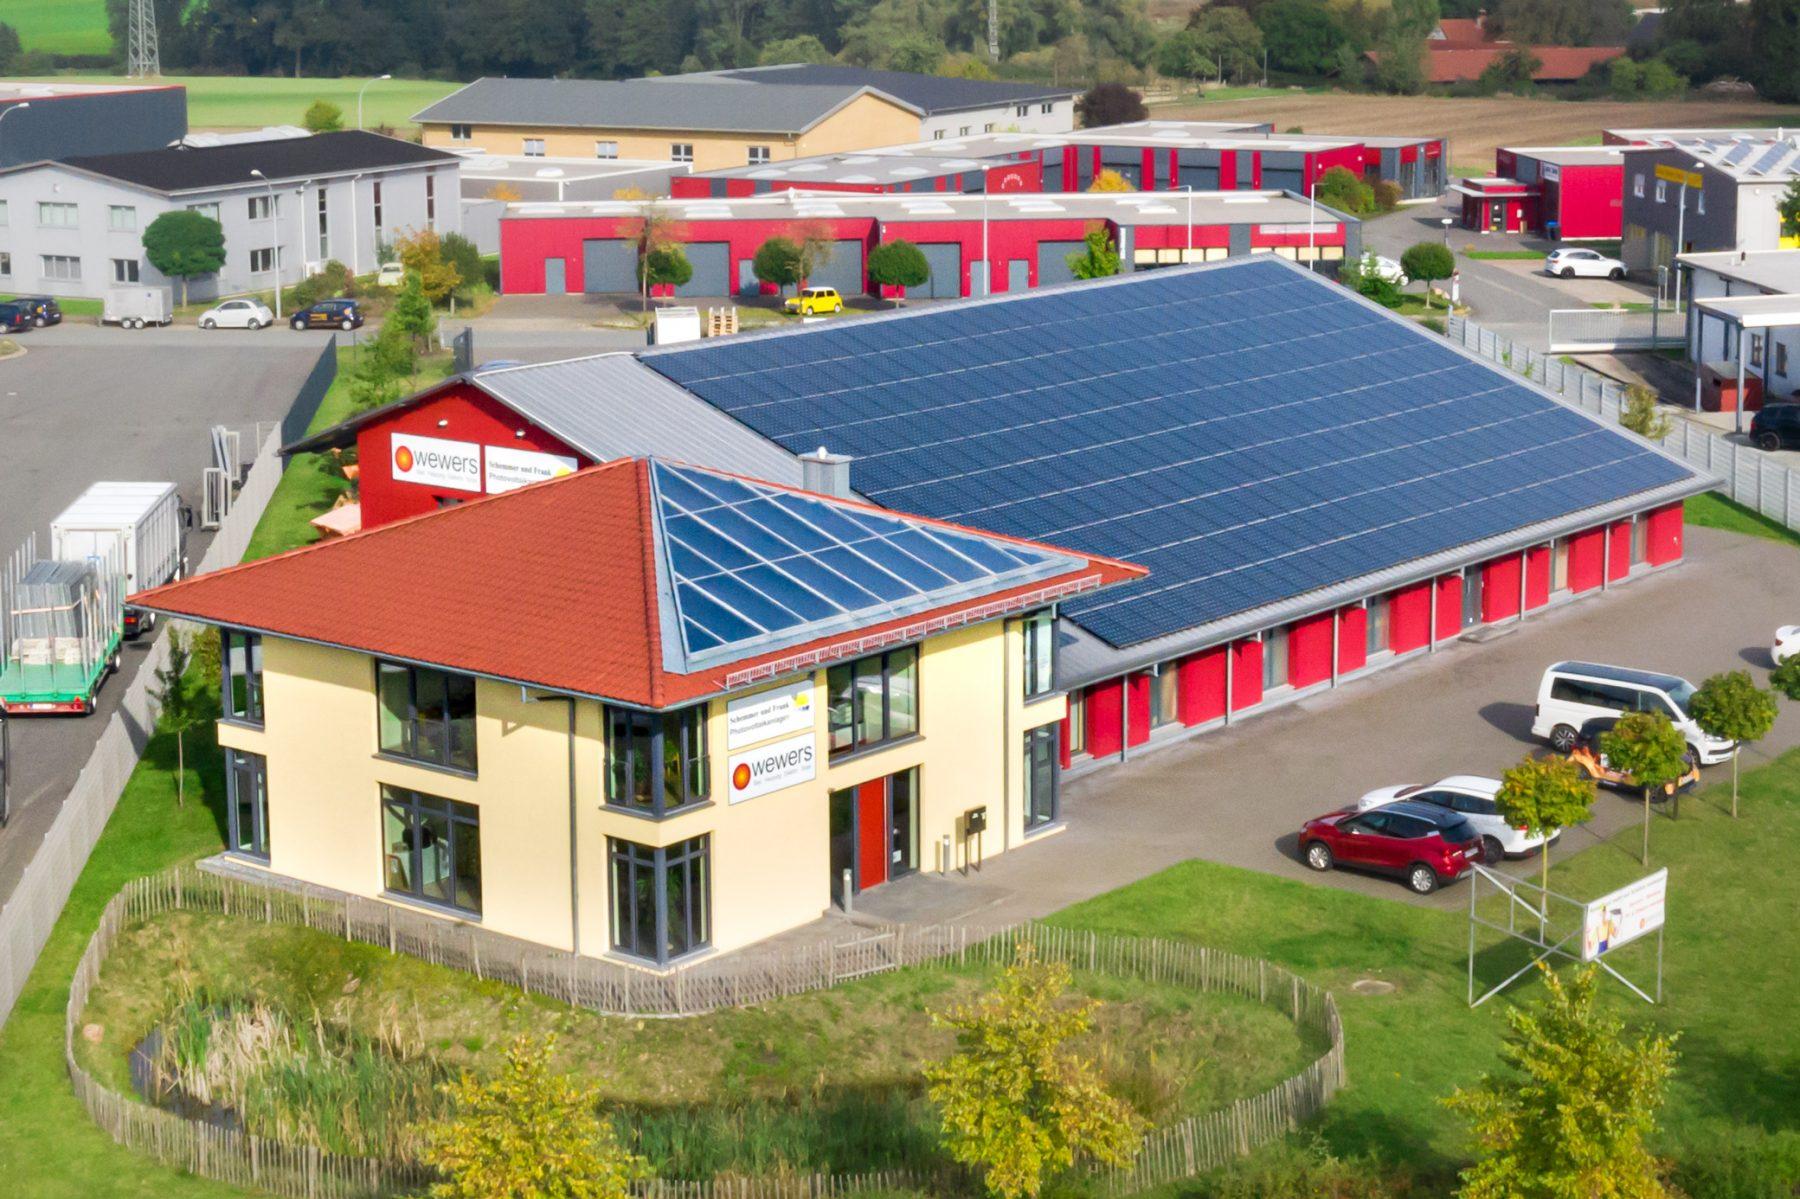 Die wewers GmbH in Lage